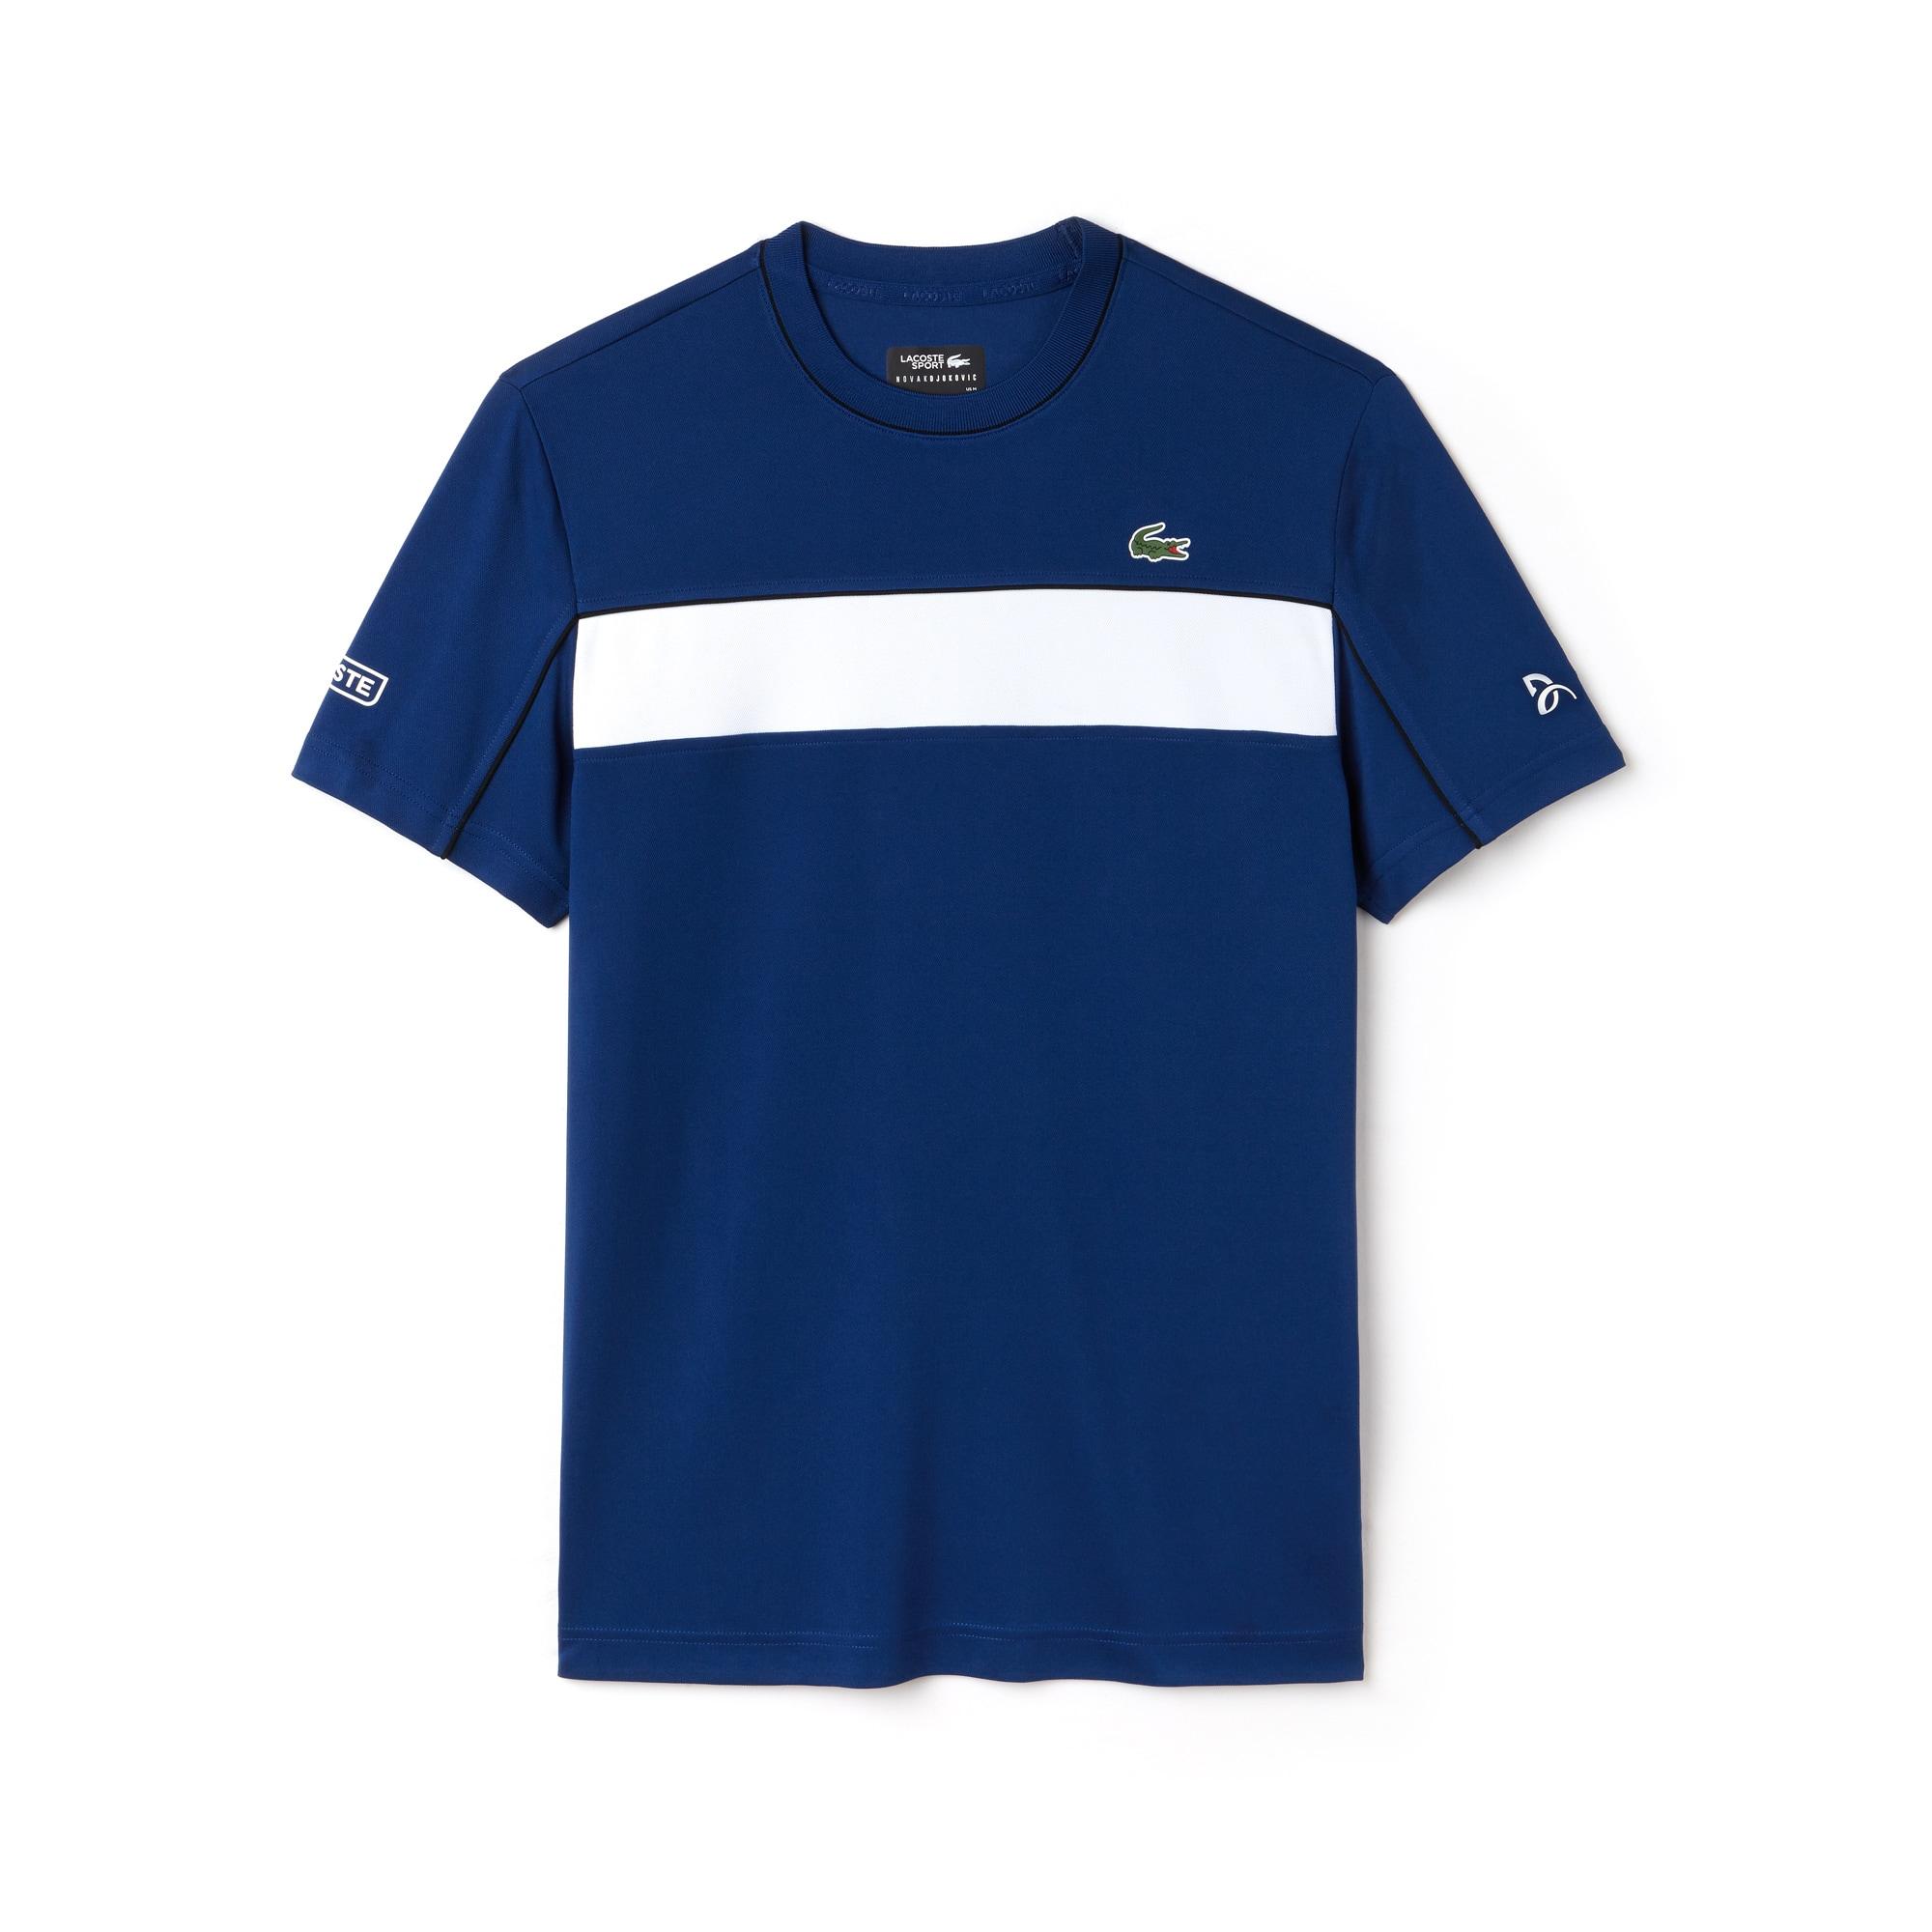 T-shirt LACOSTE SPORT COLLECTION NOVAK DJOKOVIC en piqué technique color block